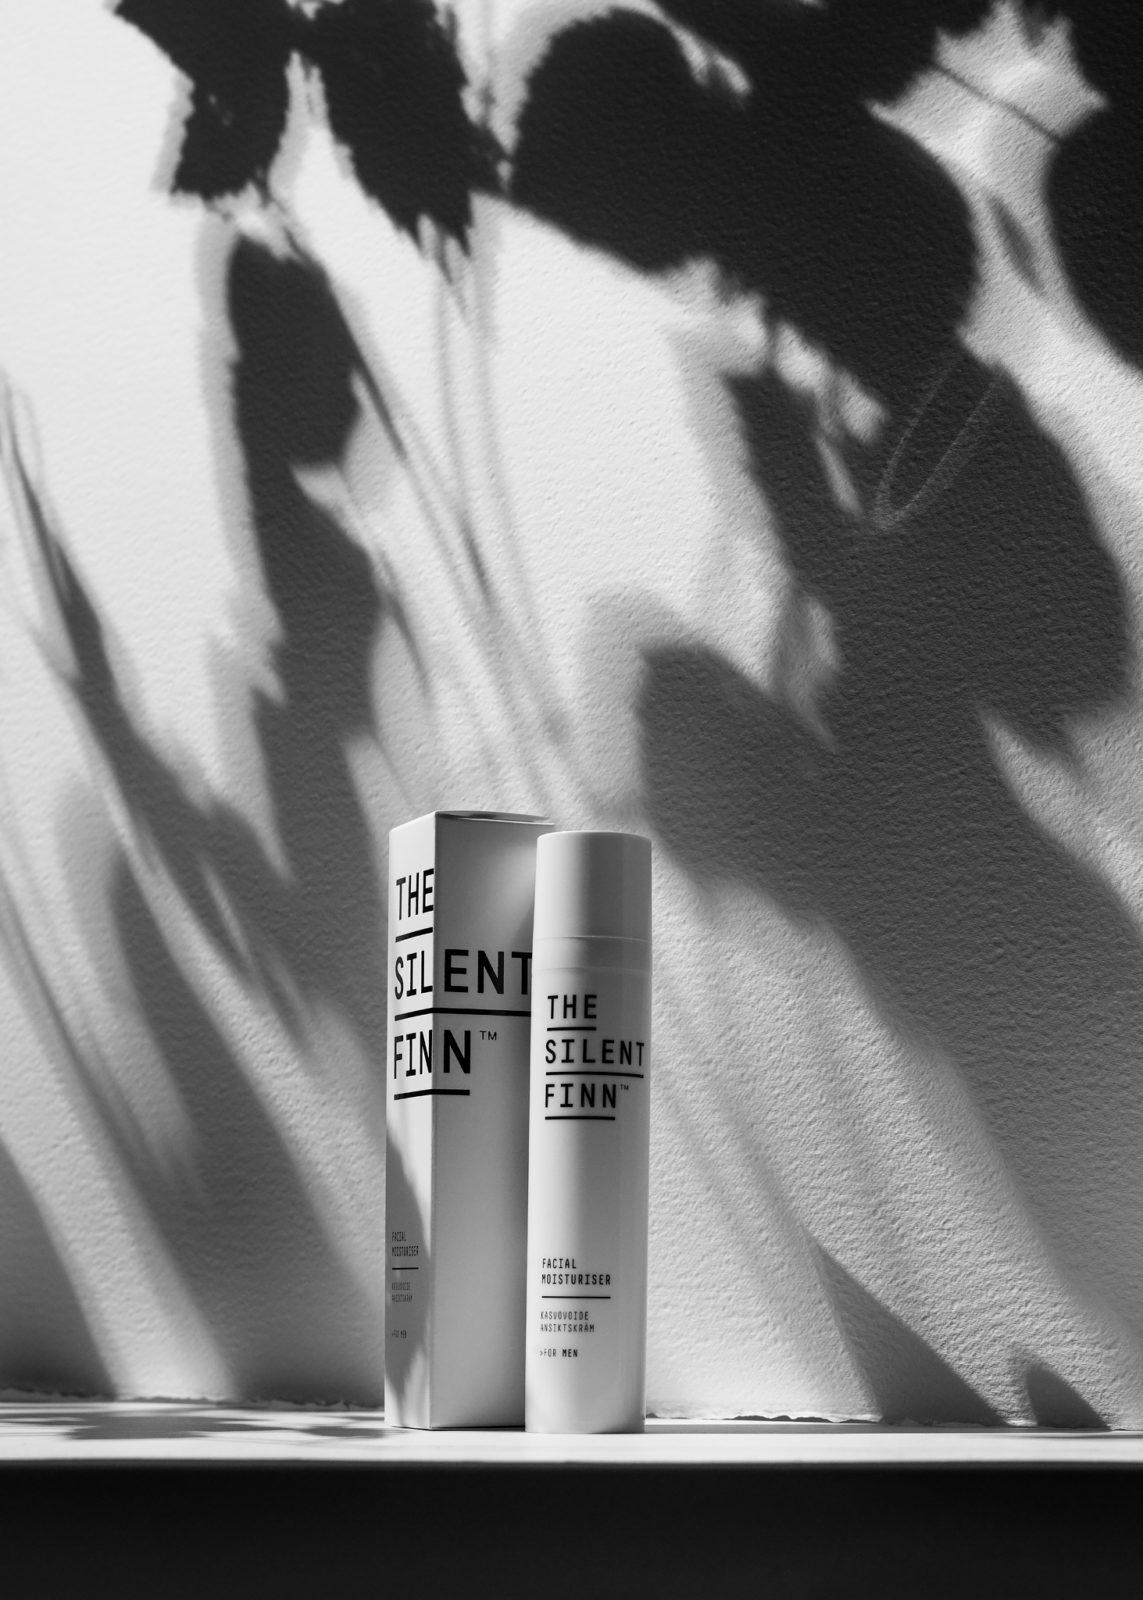 Tuotekuva: THE SILENT FINN -kasvovoide (50 ml)